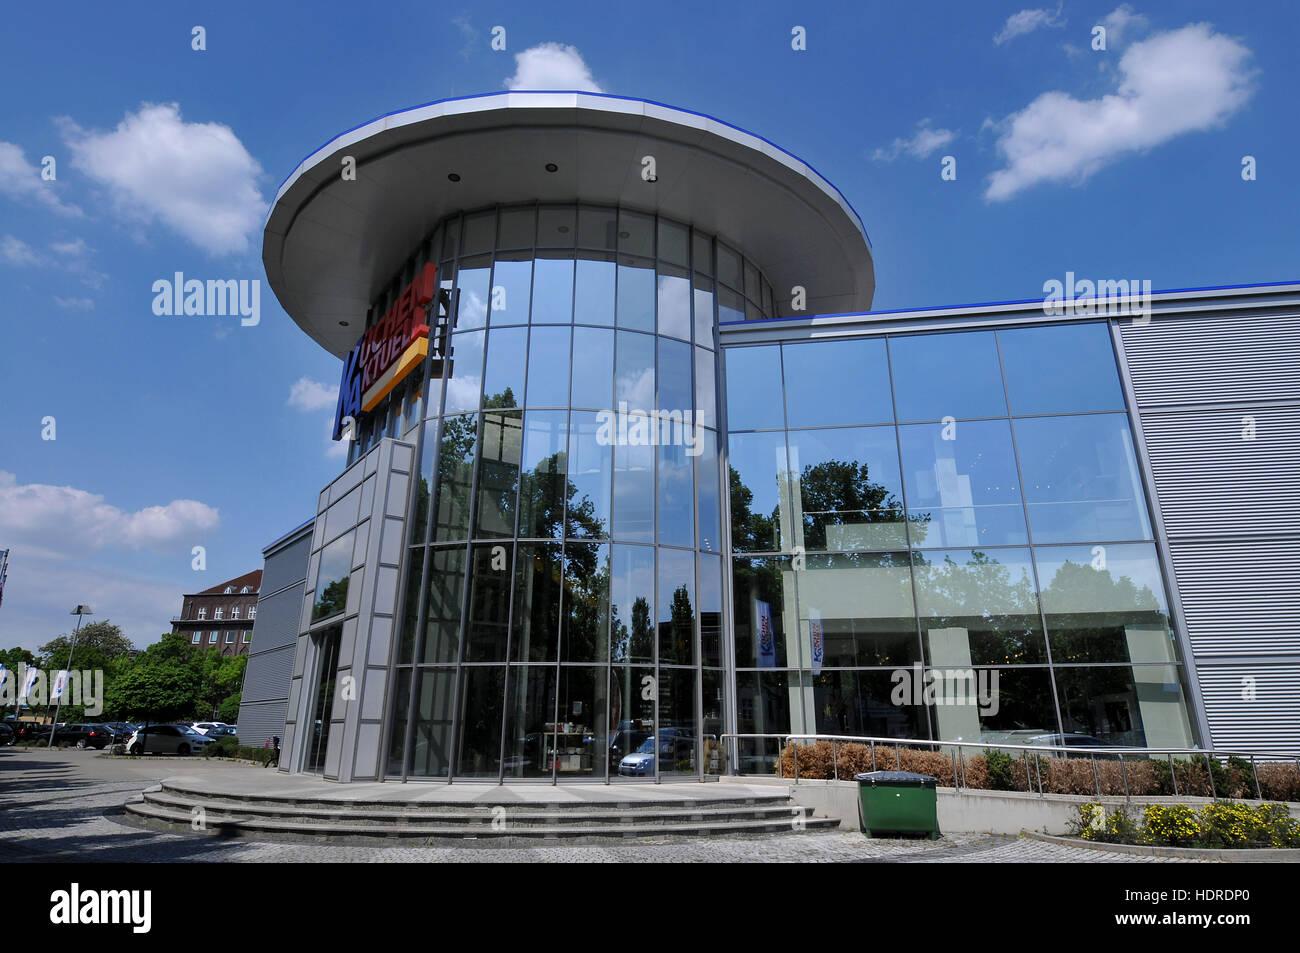 Kuchen Aktuell Tempelhof Berlin Millionen Nach Zypern Fur Eine Leere